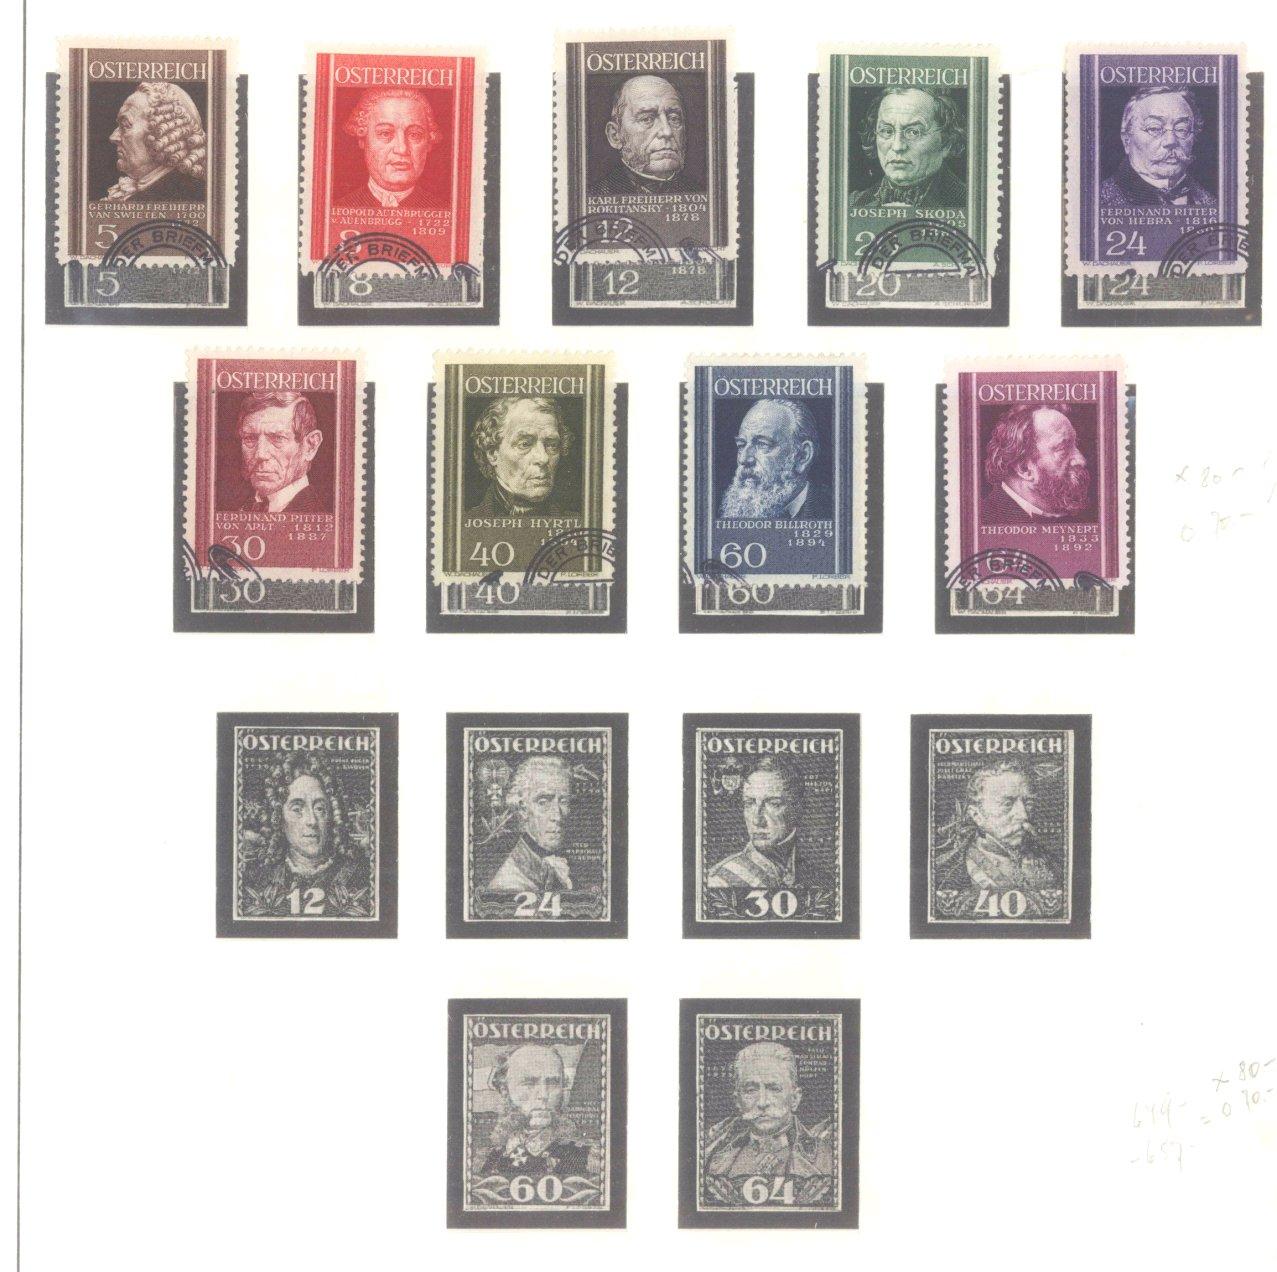 ÖSTERREICH 1850-1937-13